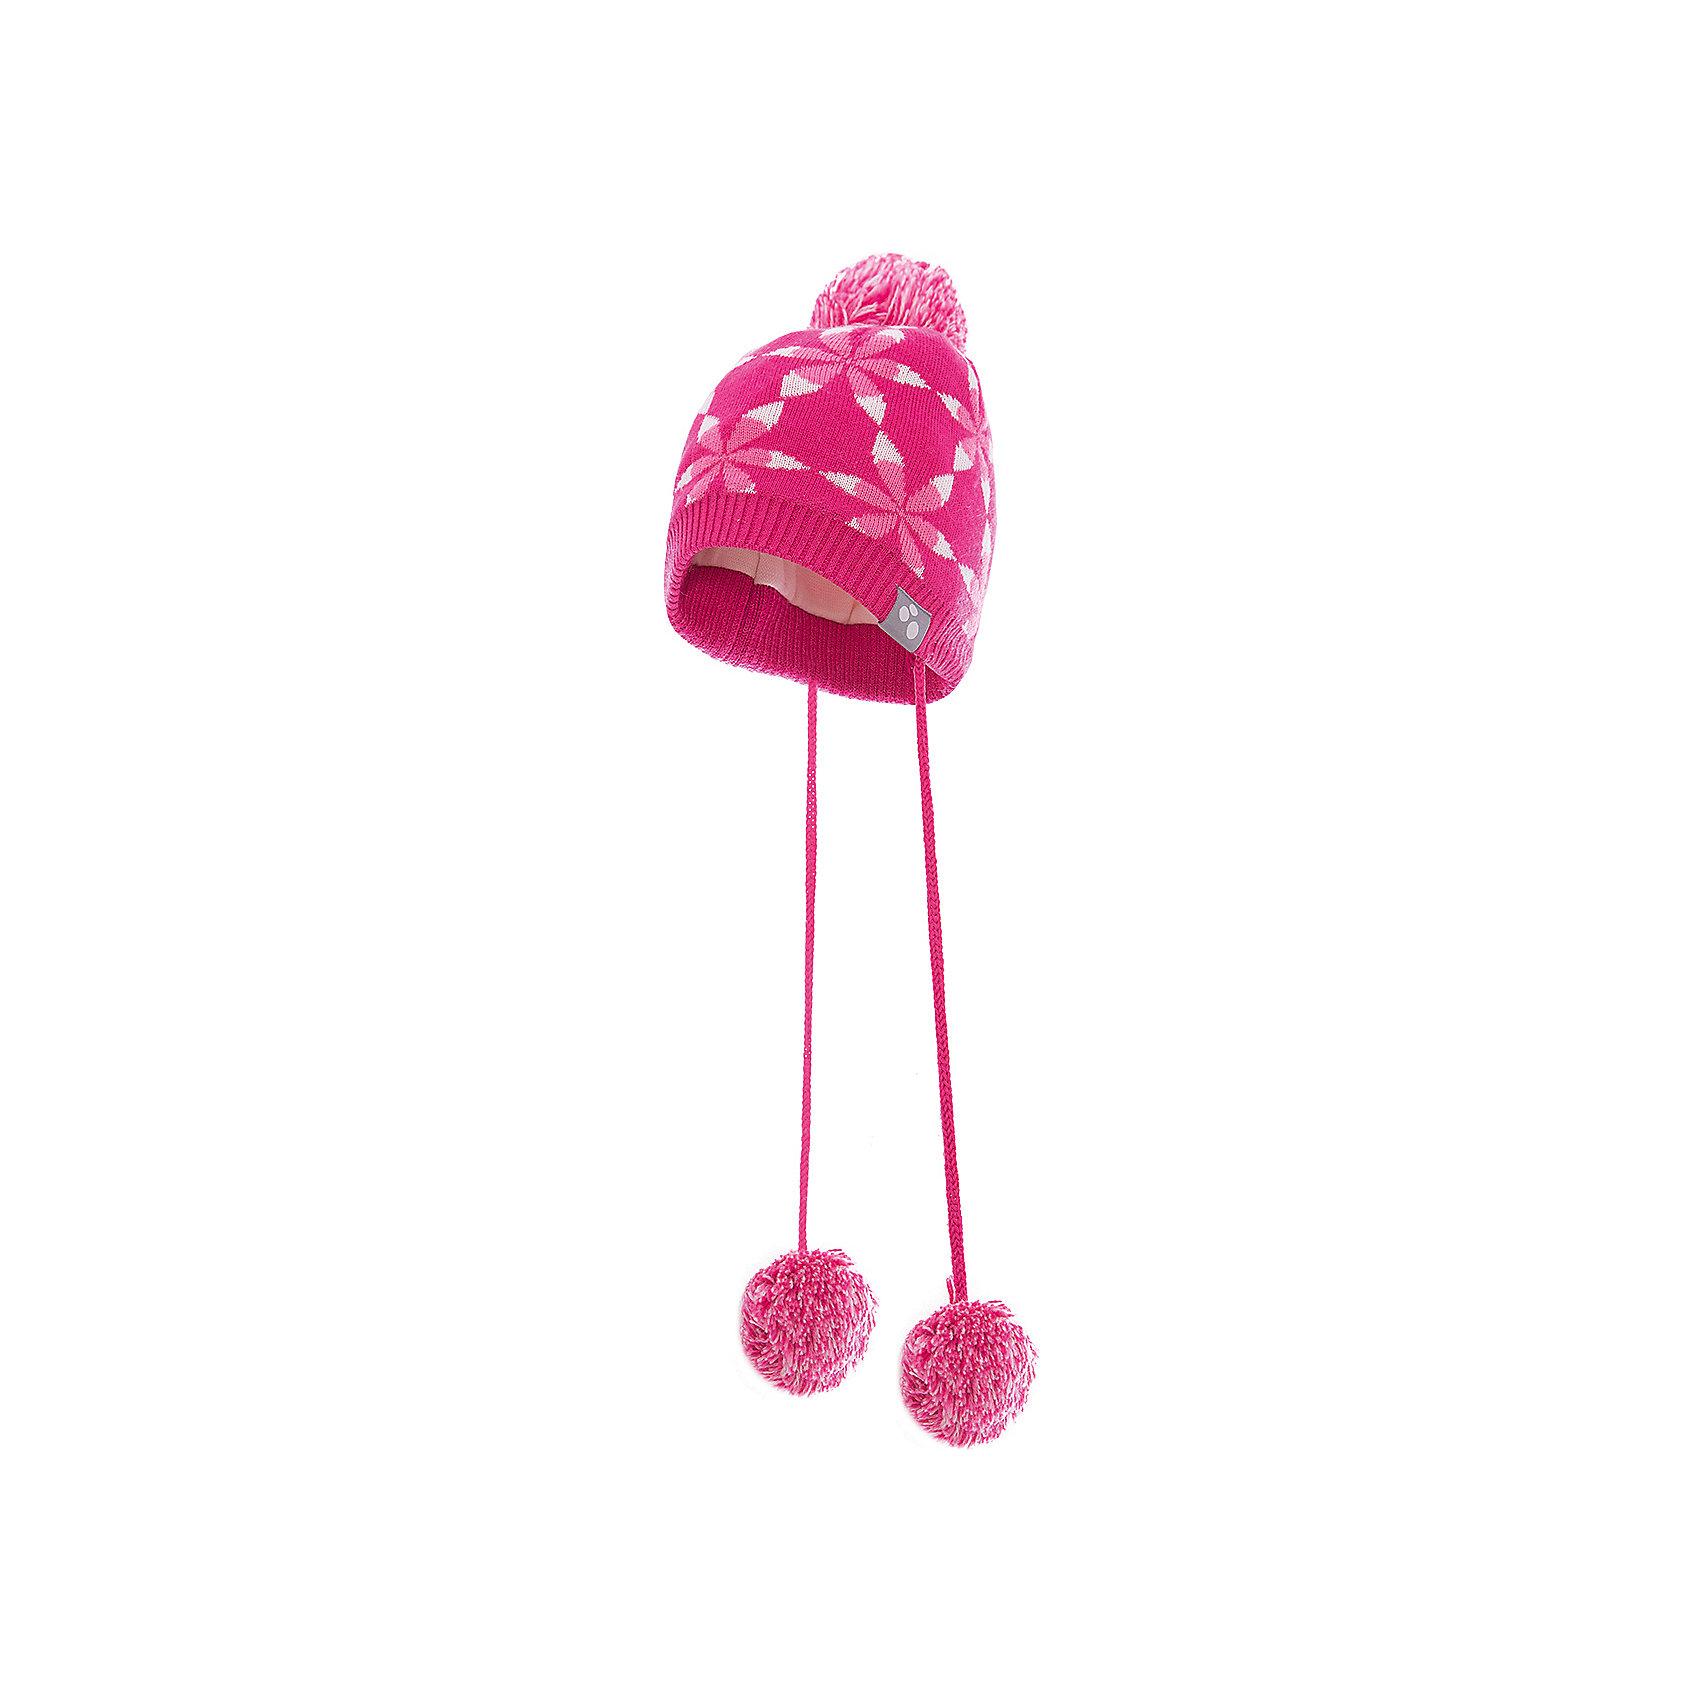 Шапка для девочки HuppaШапочки<br>Красивая зимняя шапка для маленьких девочек с вывязанным рисунком. Для удобства ношения у шапки приятная подкладка из хлопкового трикотажа, наружная часть из смеси 50% мериносовой шерсти и 50% акриловой пряжи. Более интересной шапку делают ленты с помпонами и помпон сверху.<br><br>Шапку для девочки Huppa (Хуппа) можно купить в нашем магазине.<br><br>Ширина мм: 89<br>Глубина мм: 117<br>Высота мм: 44<br>Вес г: 155<br>Цвет: розовый<br>Возраст от месяцев: 9<br>Возраст до месяцев: 12<br>Пол: Женский<br>Возраст: Детский<br>Размер: 43-45,47-49,51-53<br>SKU: 4242948